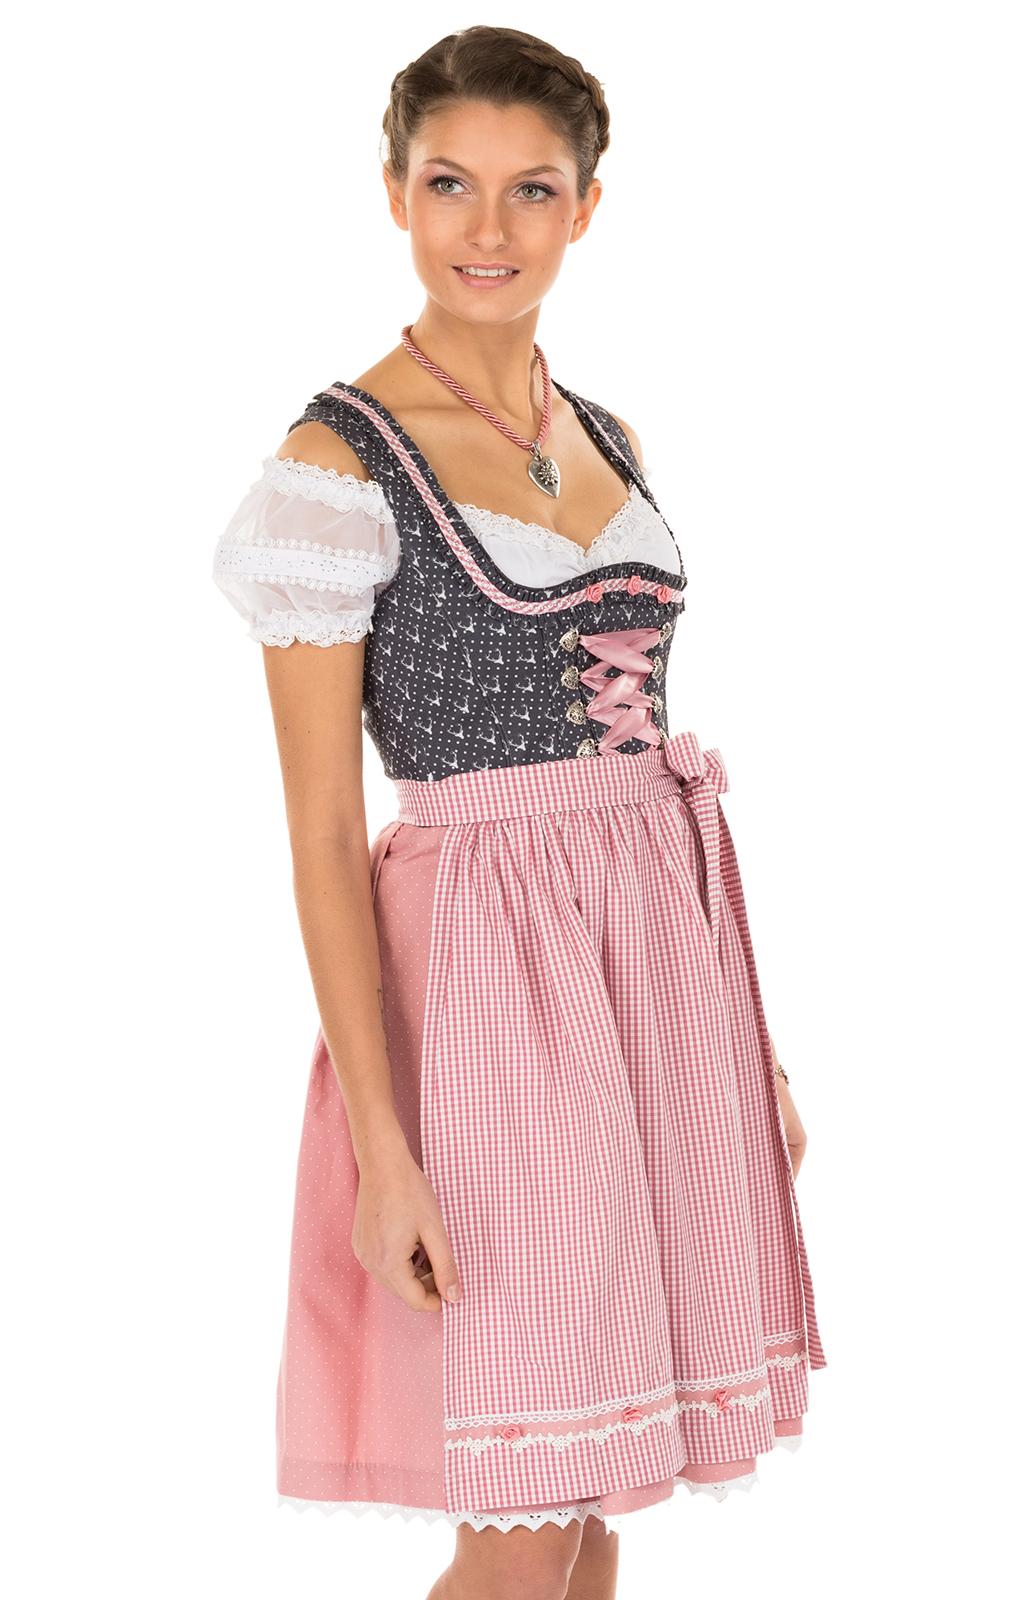 Minidirndl 2pcs. 55 cm Ernesta black pink von Marjo